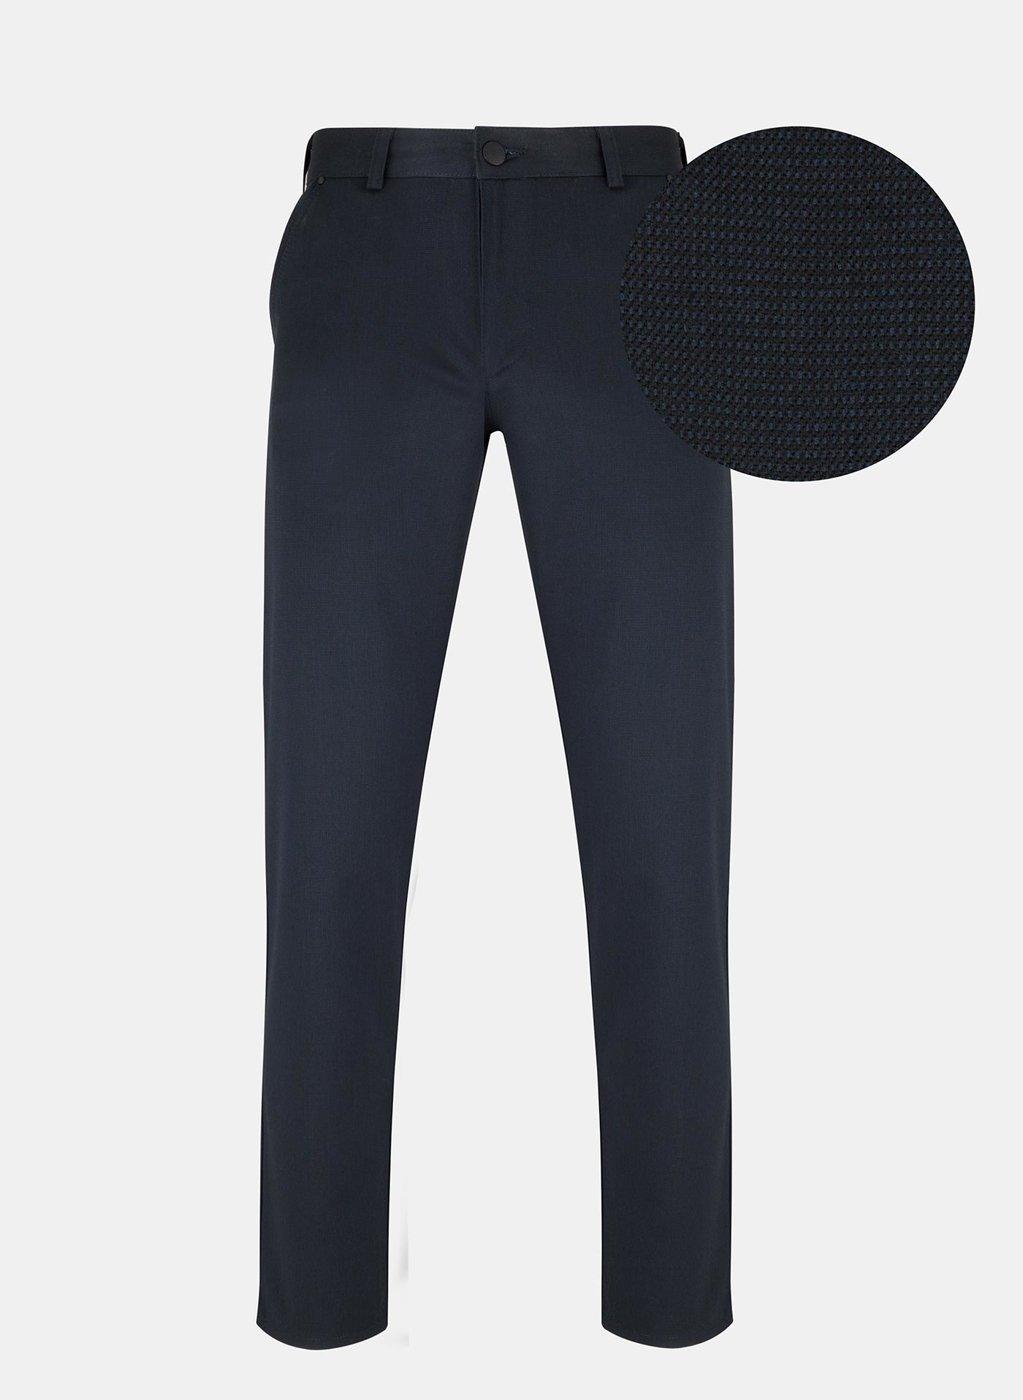 Spodnie męskie PLM-WX-210-G